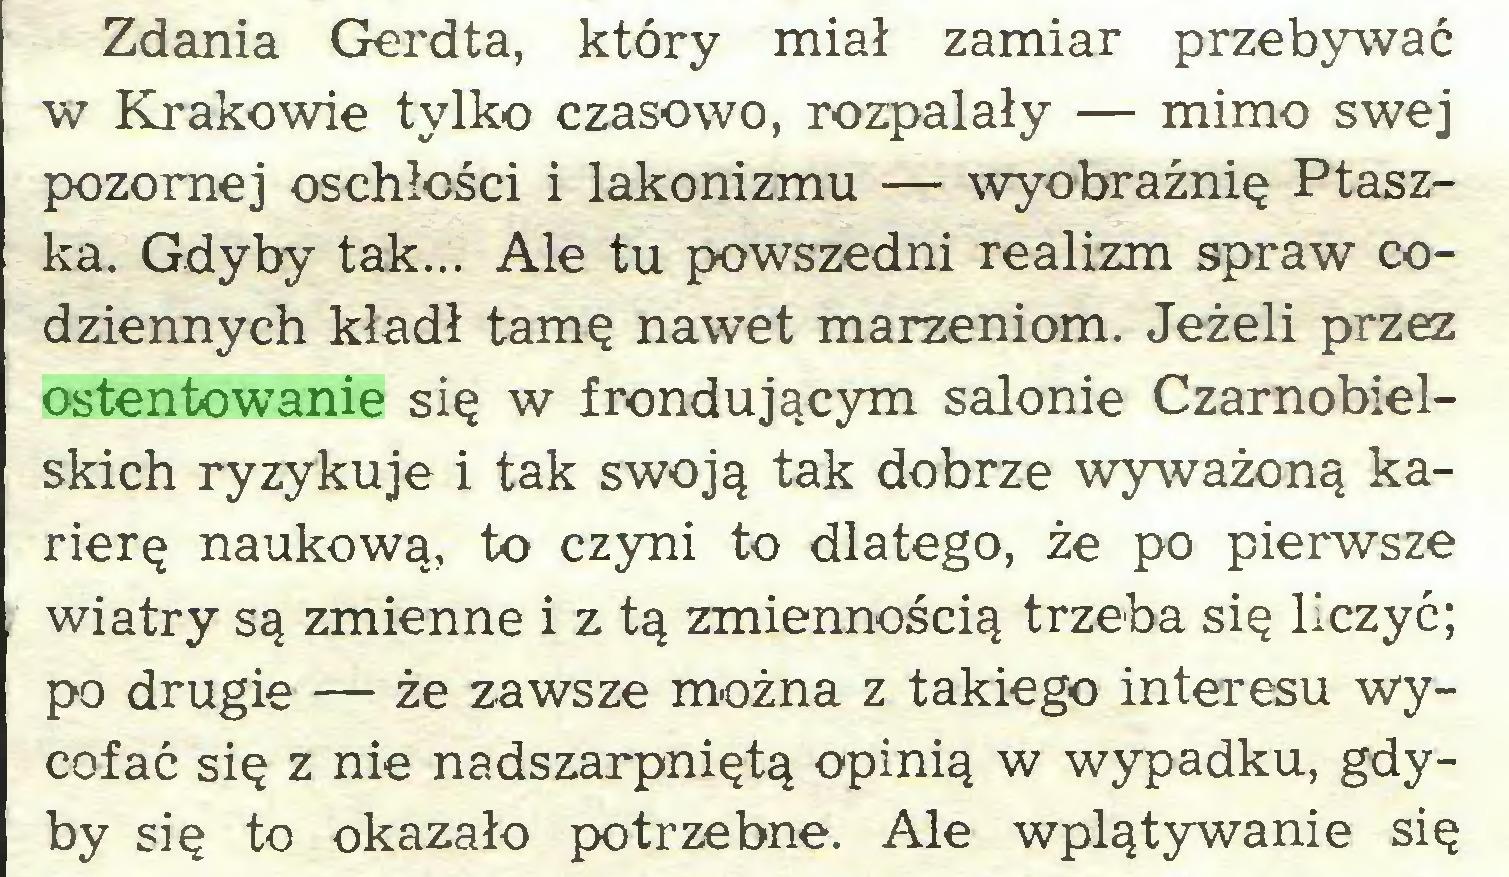 (...) Zdania Gerdta, który miał zamiar przebywać w Krakowie tylko czasowo, rozpalały — mimo swej pozornej oschłości i lakonizmu — wyobraźnię Ptaszka. Gdyby tak... Ale tu powszedni realizm spraw codziennych kładł tamę nawet marzeniom. Jeżeli przez ostentowanie się w frondującym salonie Czarnobielskich ryzykuje i tak swoją tak dobrze wyważoną karierę naukową, to czyni to dlatego, że po pierwsze wiatry są zmienne i z tą zmiennością trzeba się liczyć; po drugie— że zawsze można z takiego interesu wycofać się z nie nadszarpniętą opinią w wypadku, gdyby się to okazało potrzebne. Ale wplątywanie się...